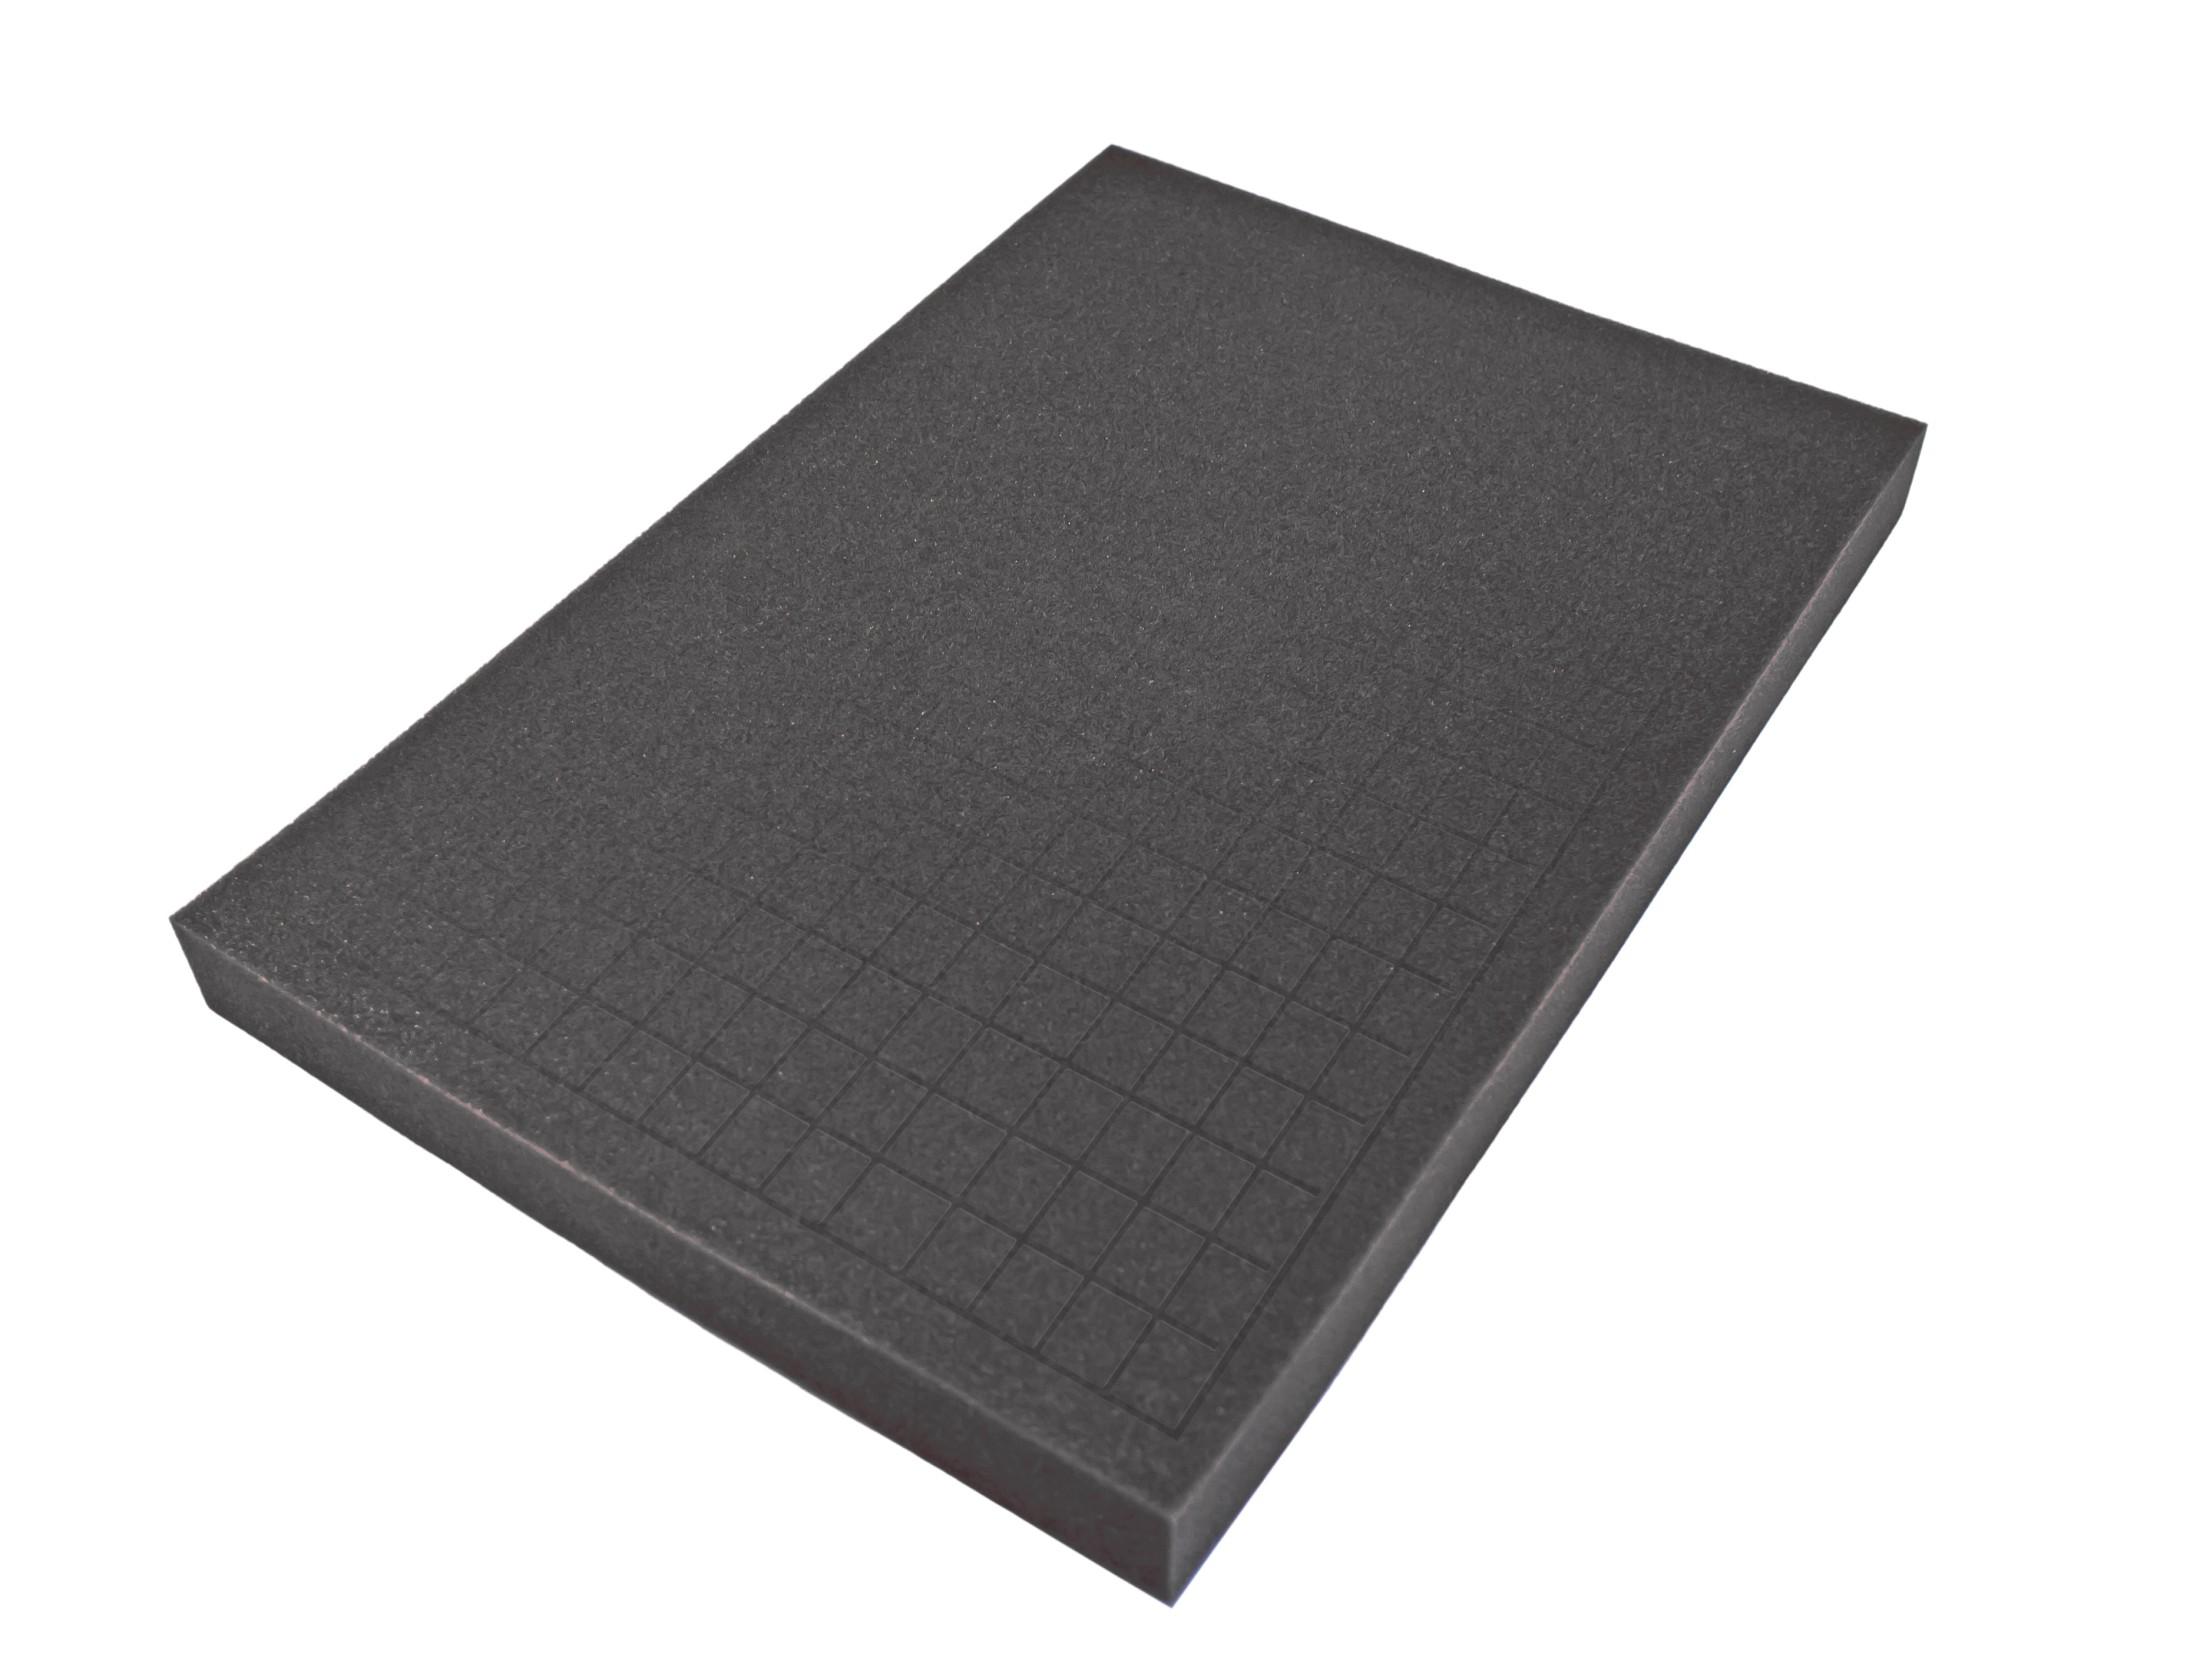 «PeakTech® P 7260 S» foam for aluminum case P 7260